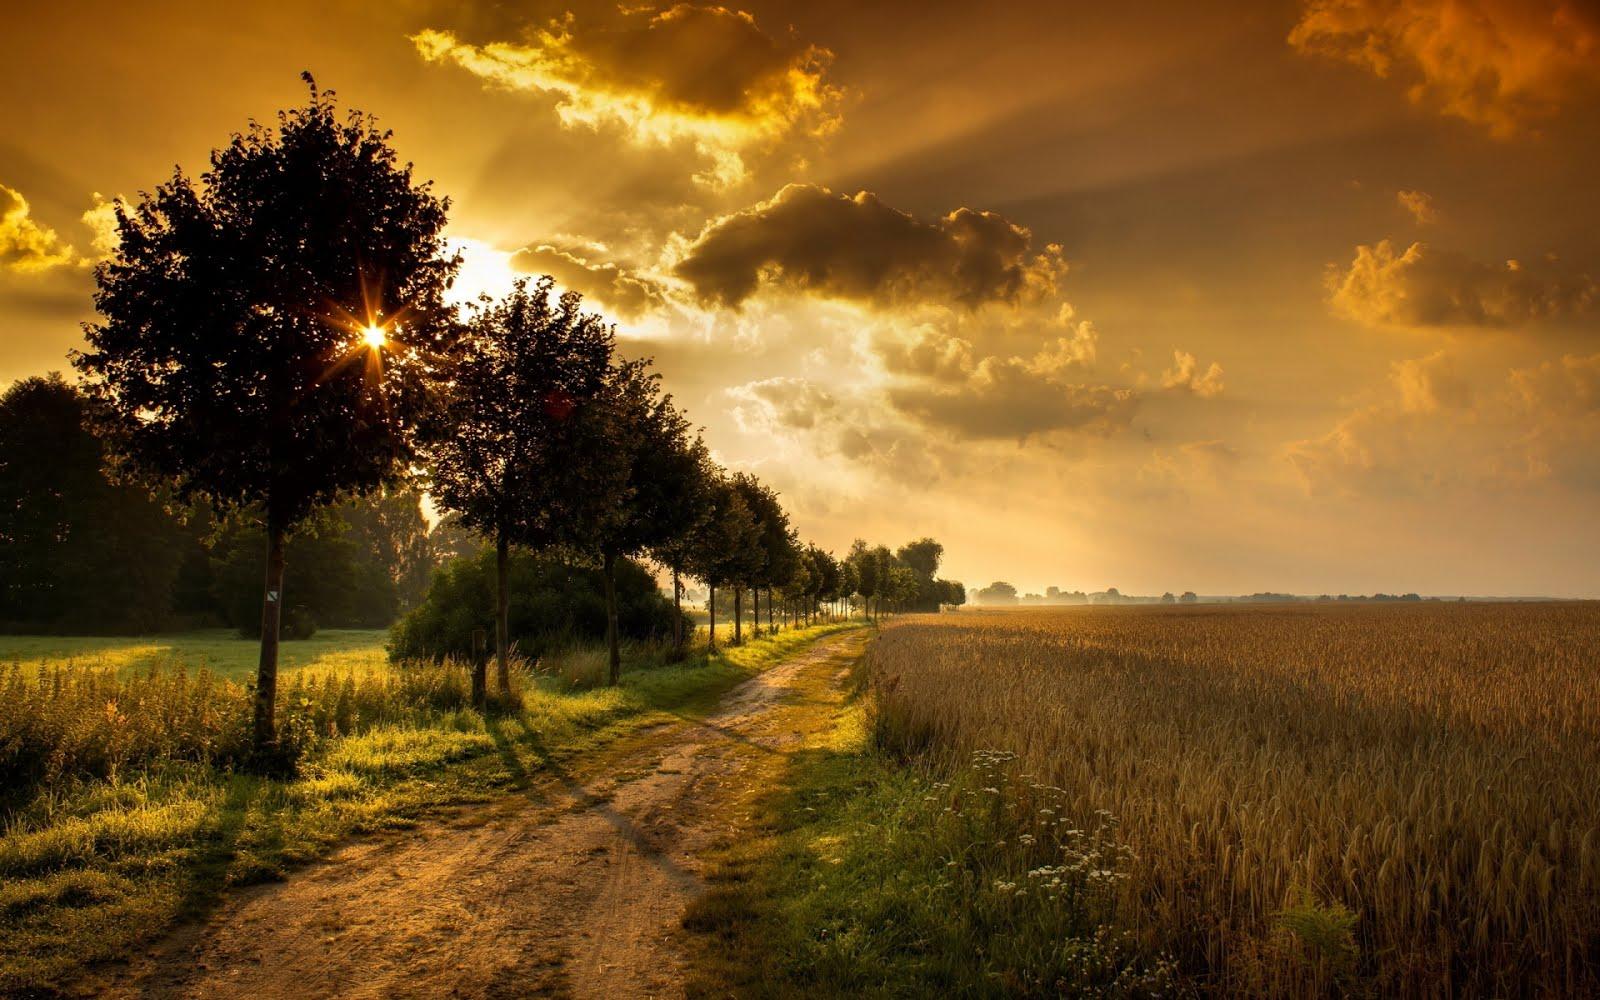 http://4.bp.blogspot.com/-yUSgQqmcyb4/UJHQZm8a0JI/AAAAAAABNpM/oBfyMxzkv4c/s1600/tributo-a-nuestros-paisajes-naturales-autumn-landscape-with-trees-1920x1200-wallpaper-.jpg